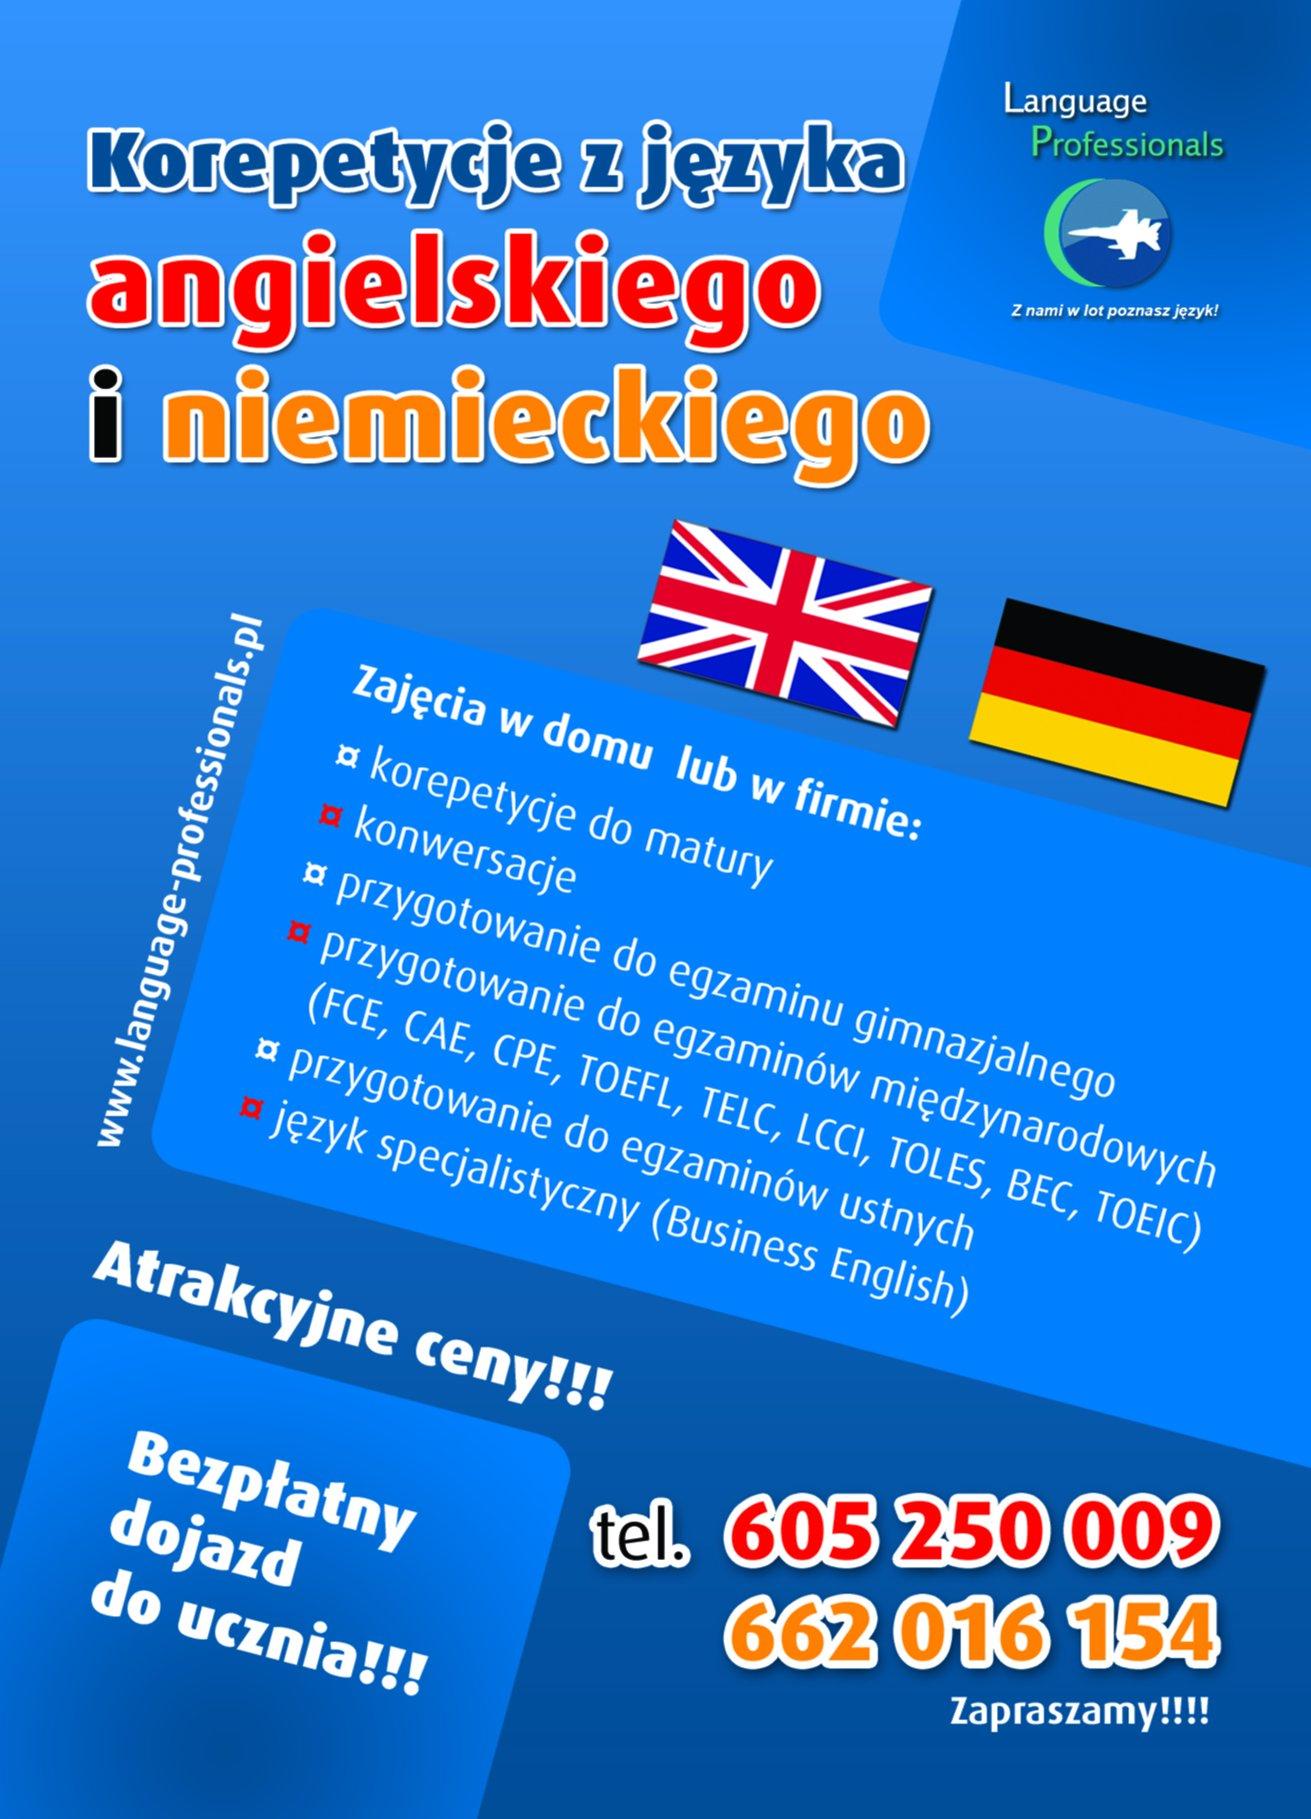 Korepetycje i kursy z języka angielskiego i niemieckiego Opole